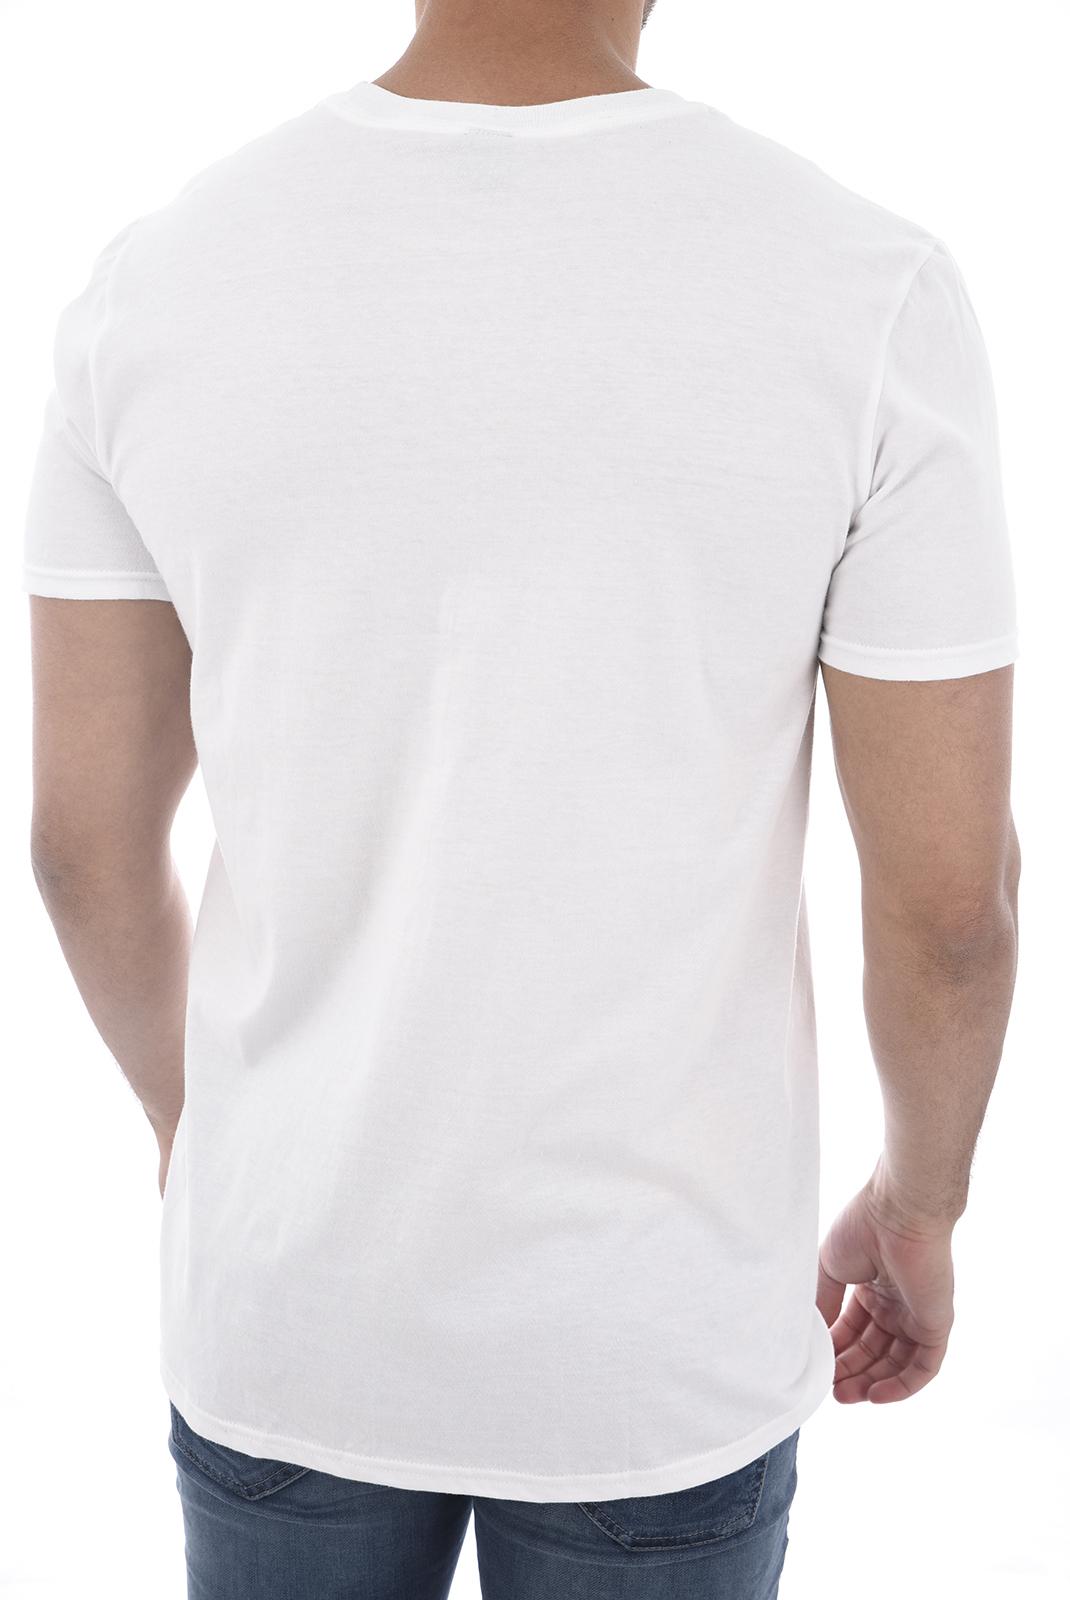 Tee-shirts  les Tricolores J'PEUX PAS J'AI BOUILLABAISSE BLANC